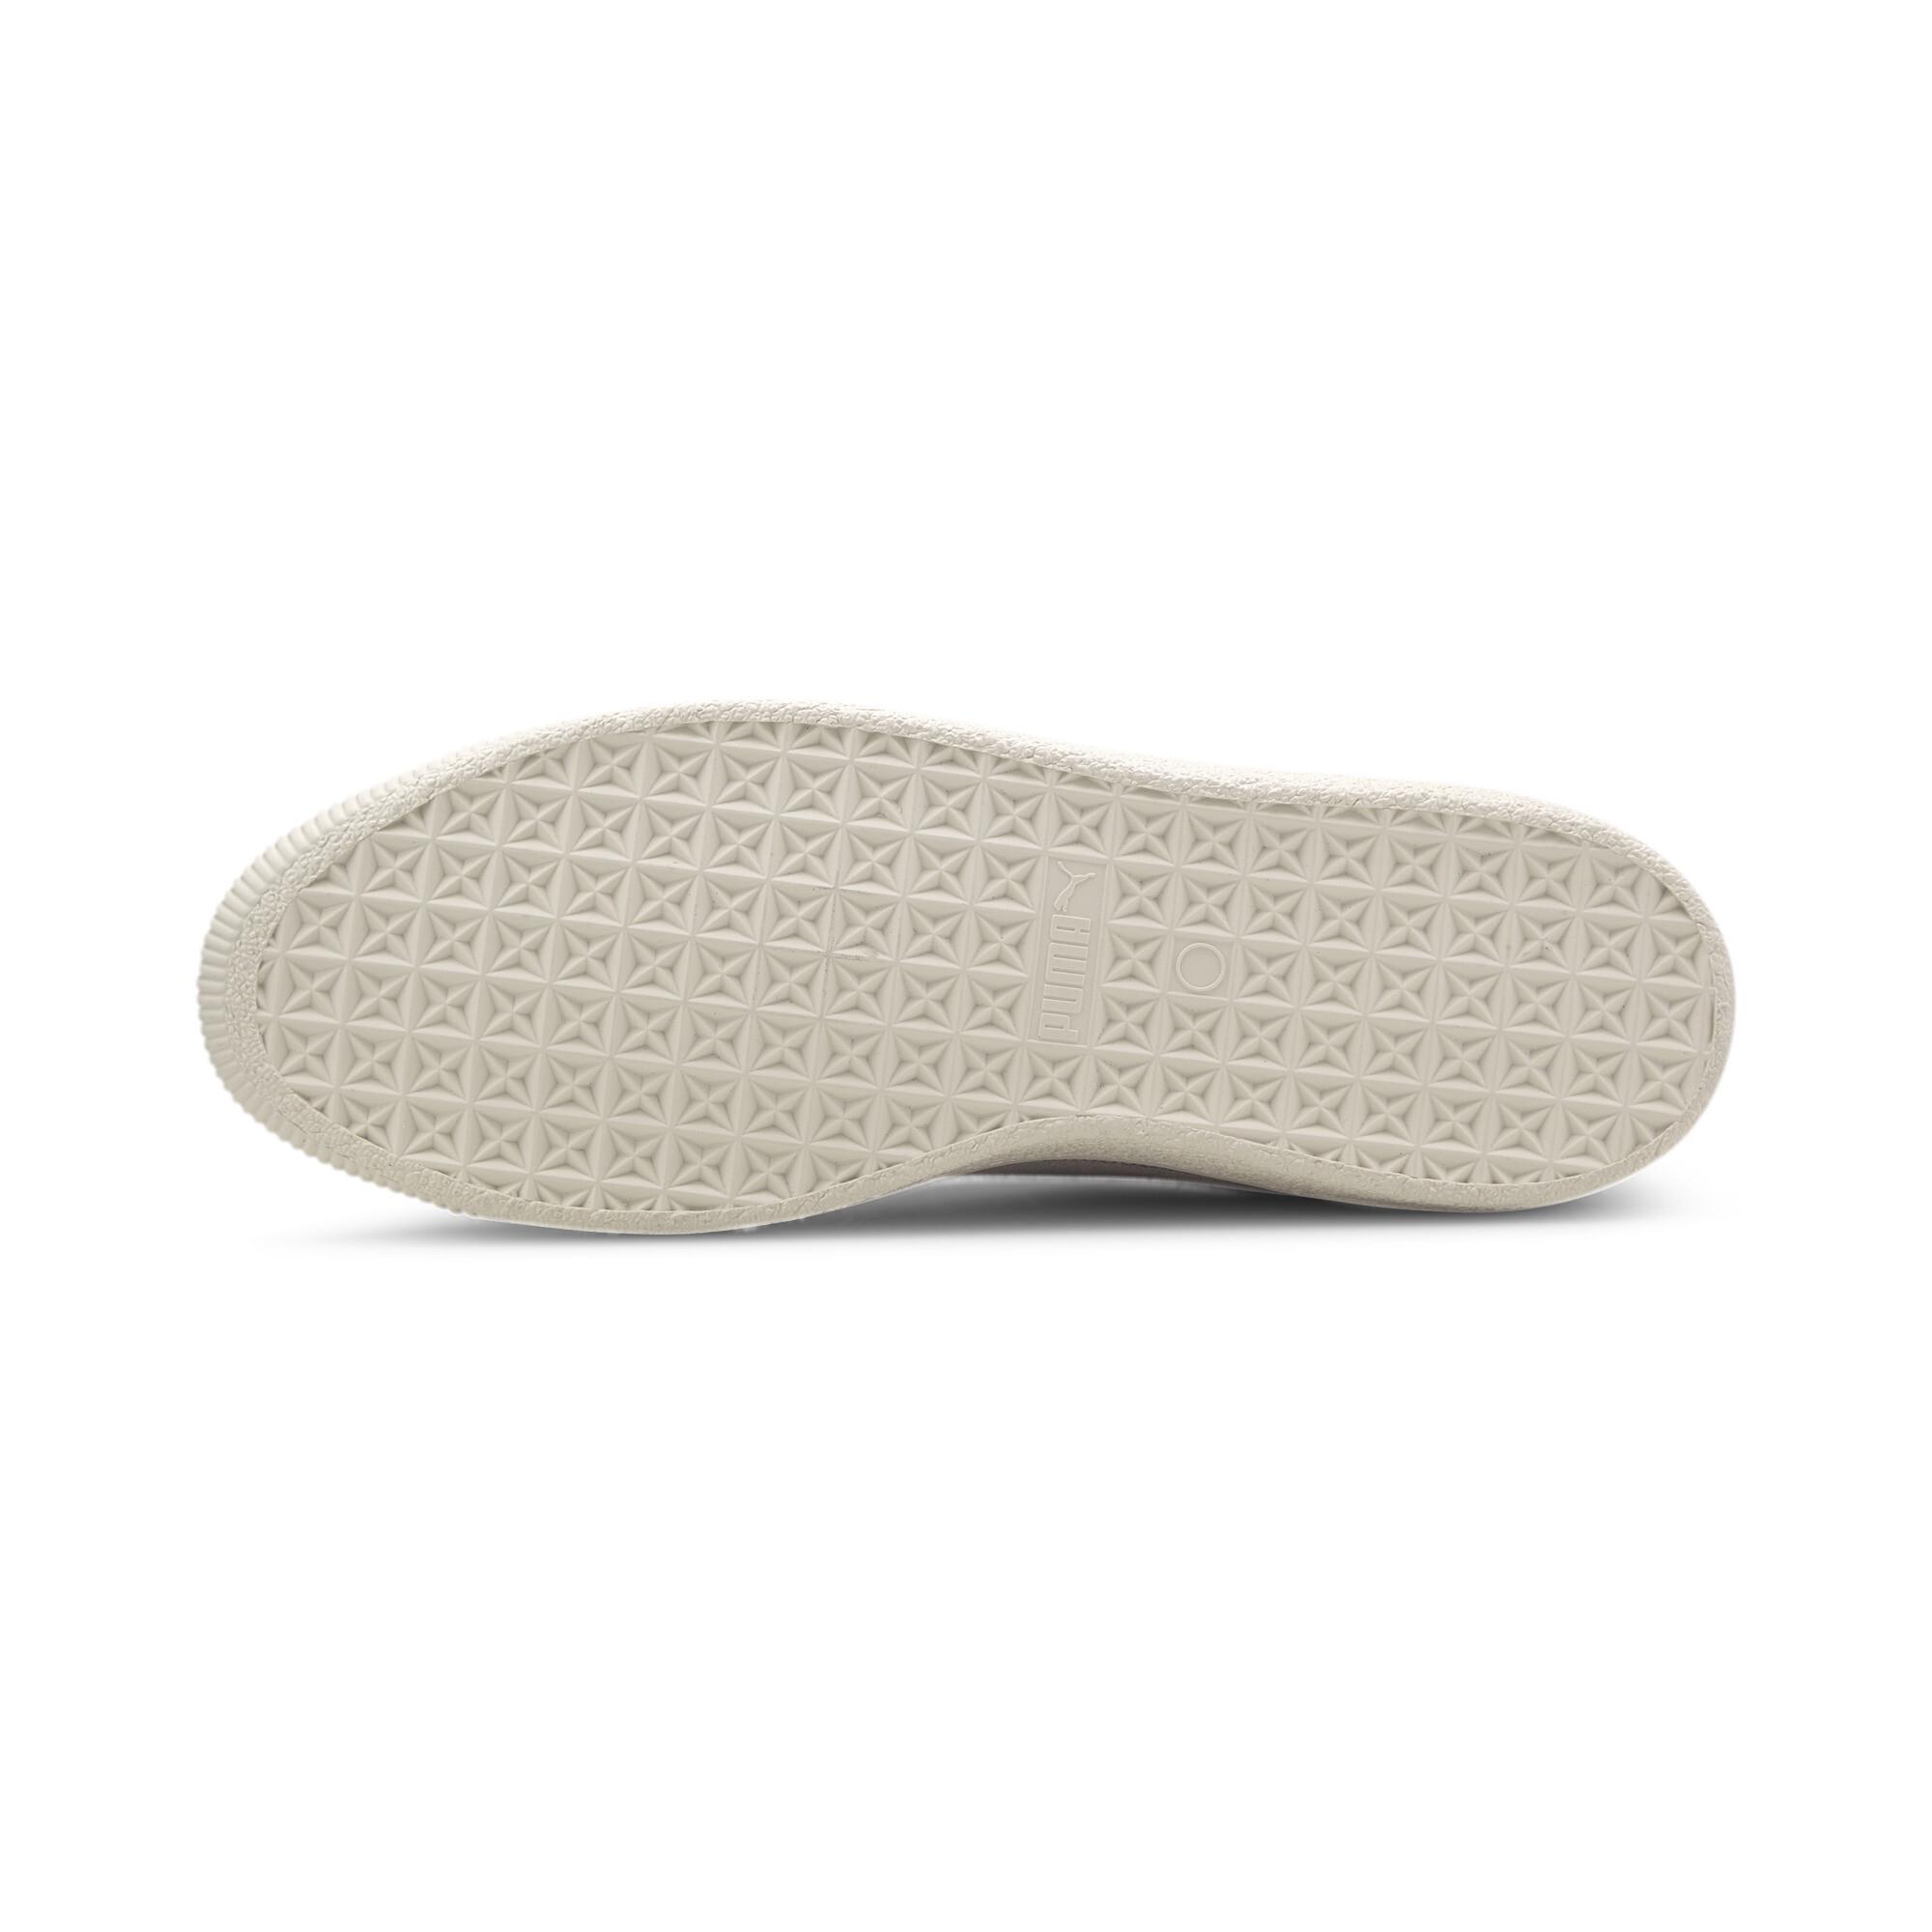 PUMA-Men-039-s-Suede-Trim-DLX-Sneakers thumbnail 6